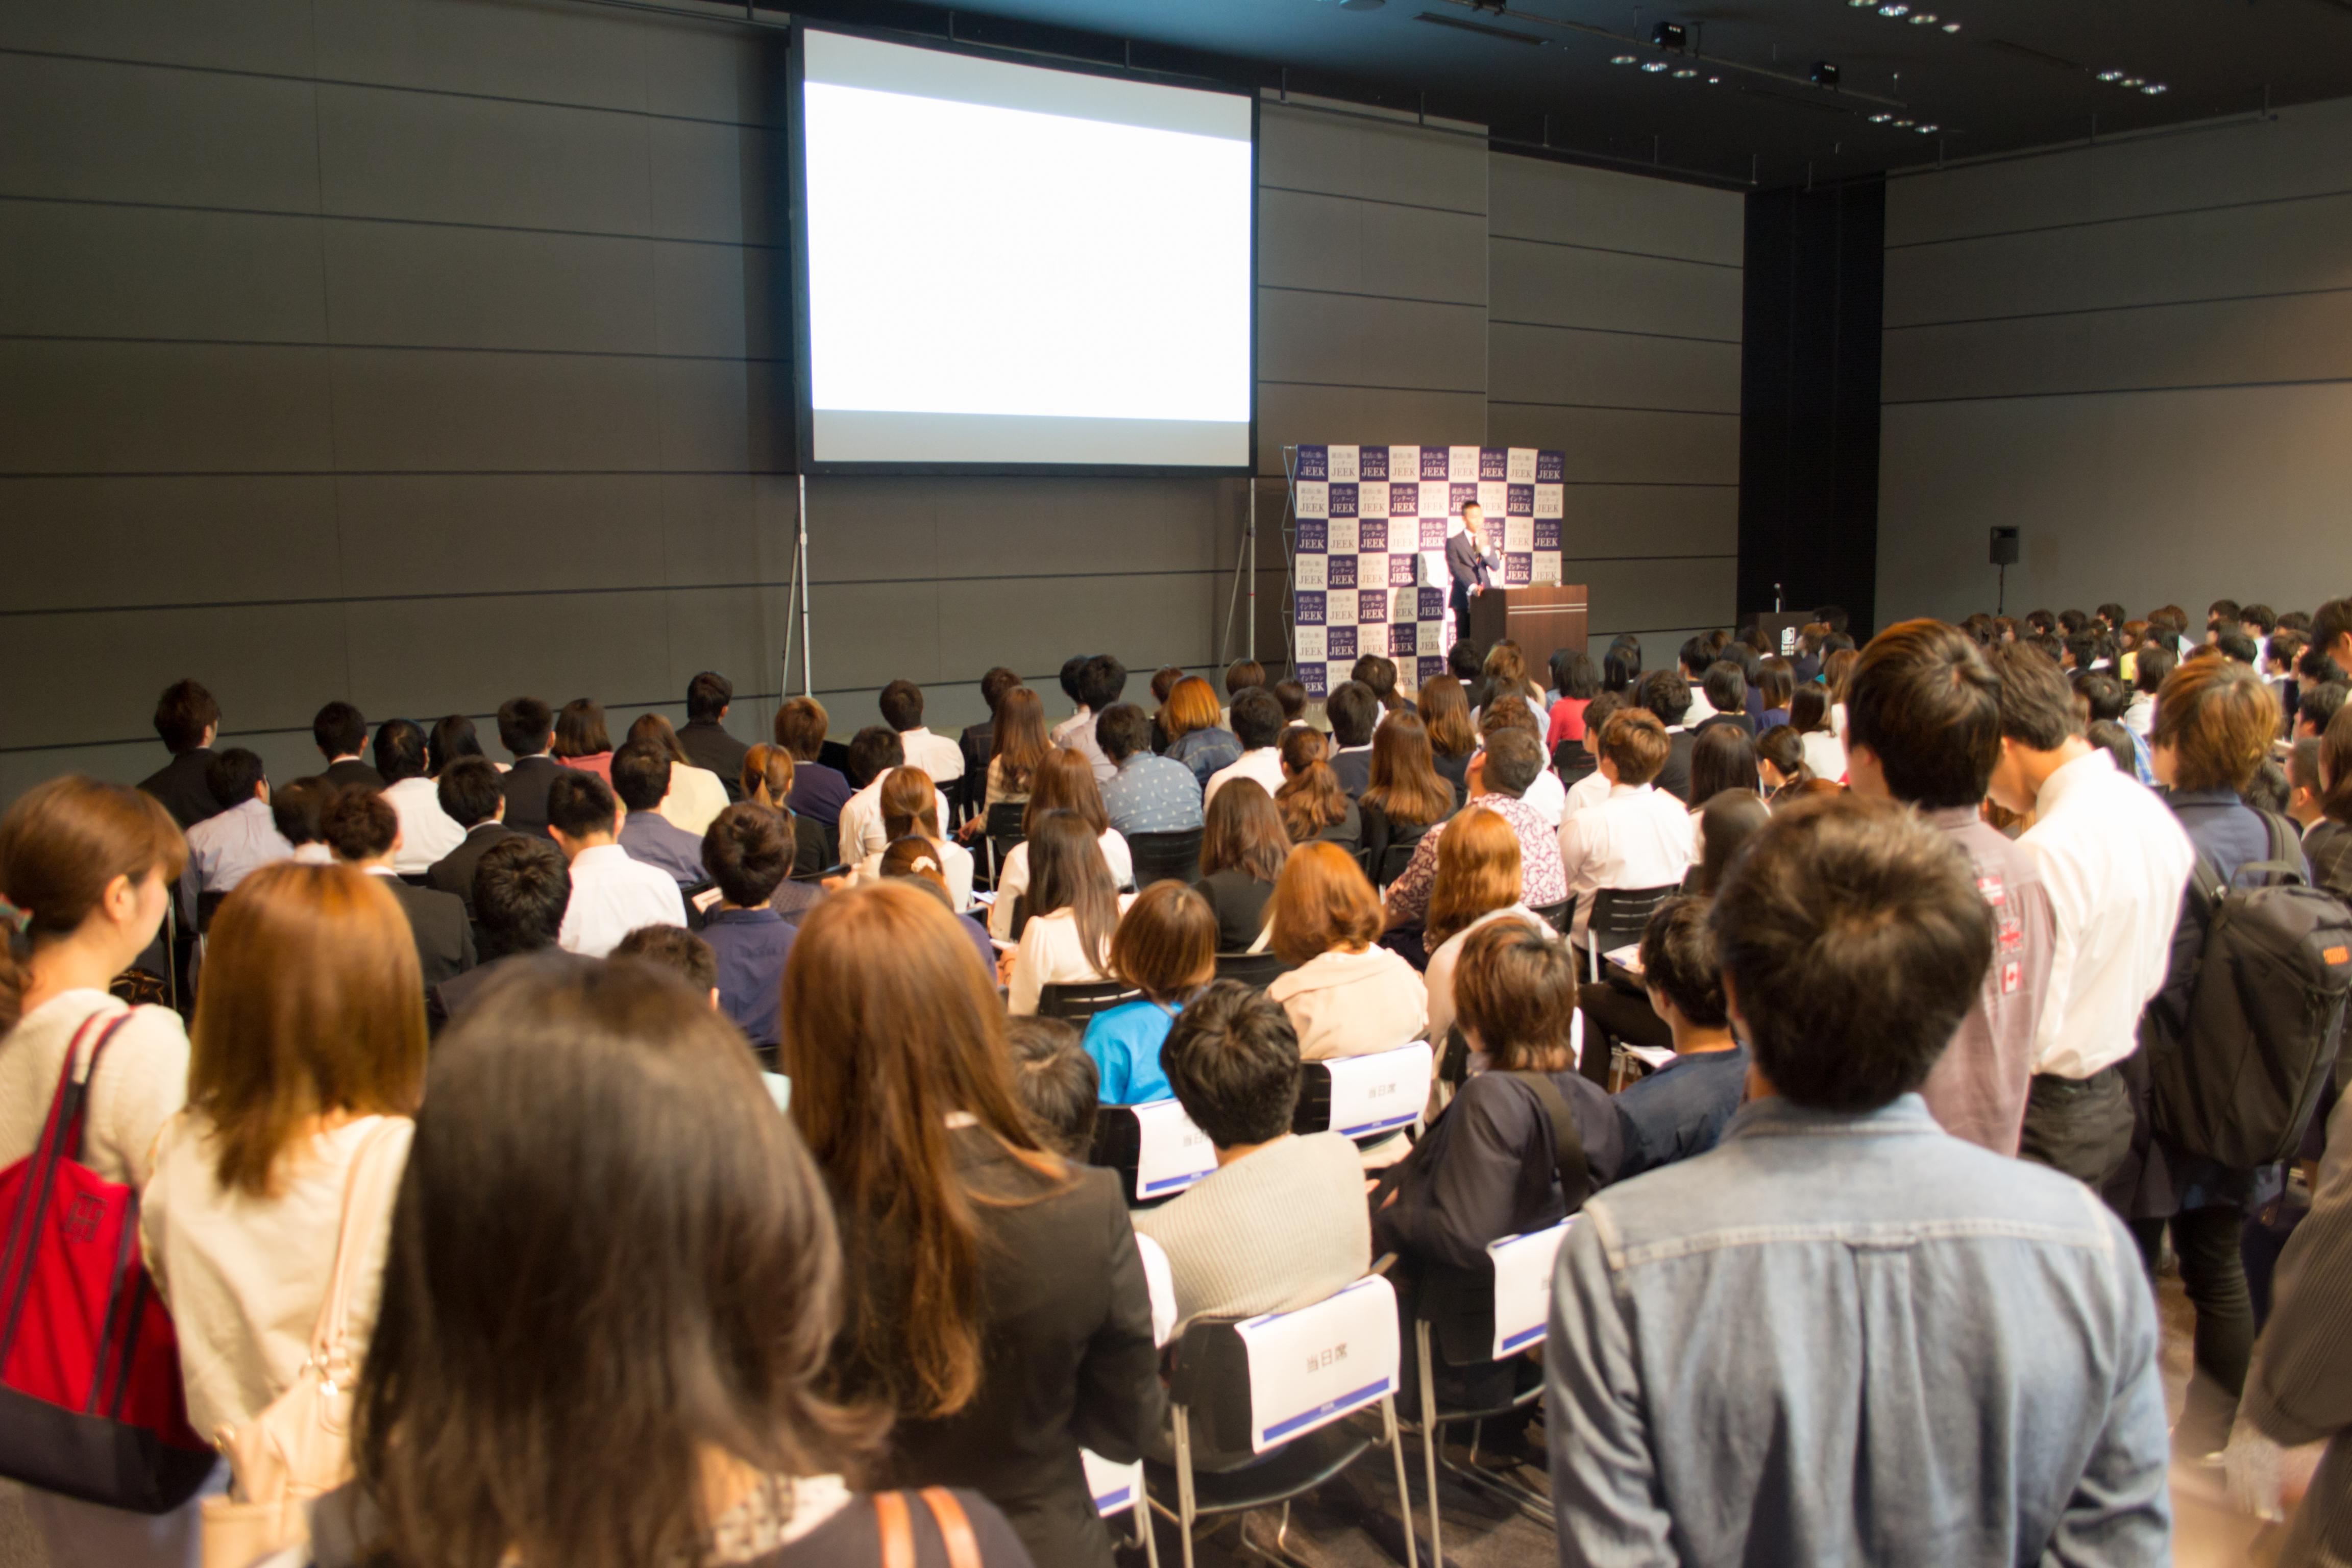 最難関企業への卒業生!難関大学在籍者多数!優秀な仲間と切磋琢磨しよう!